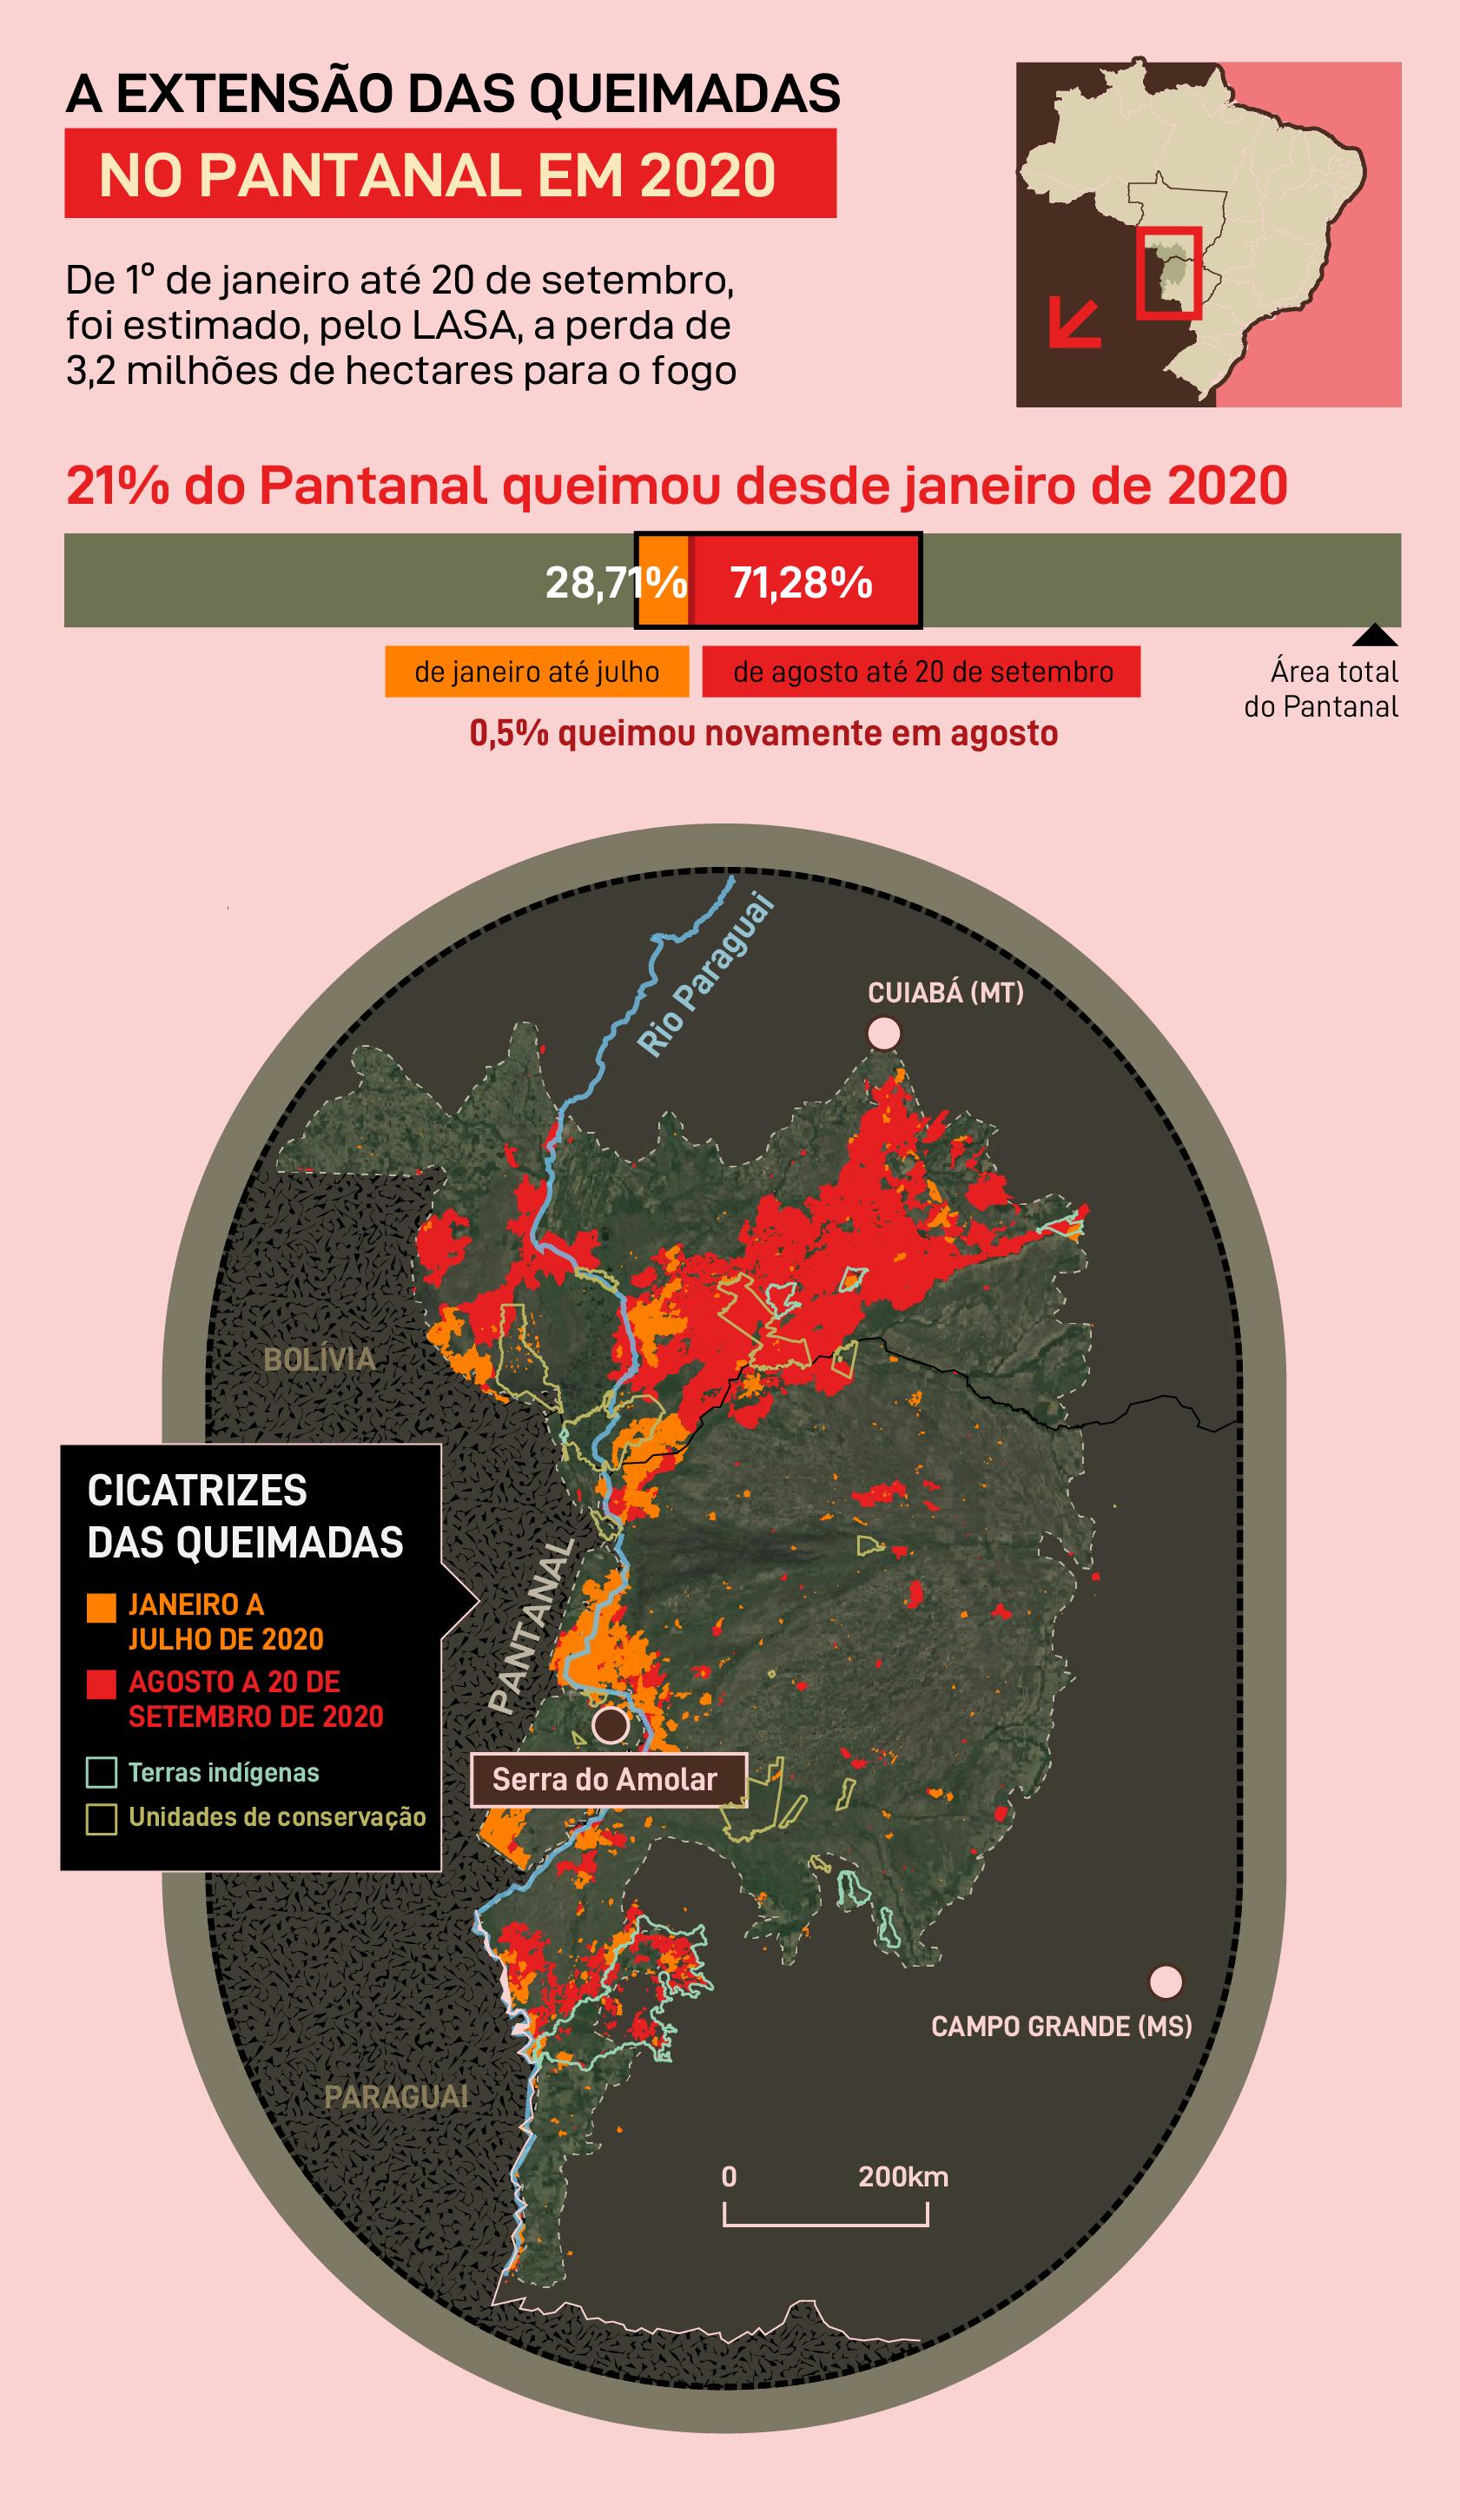 A extensão das queimadas no Pantanal em 2020